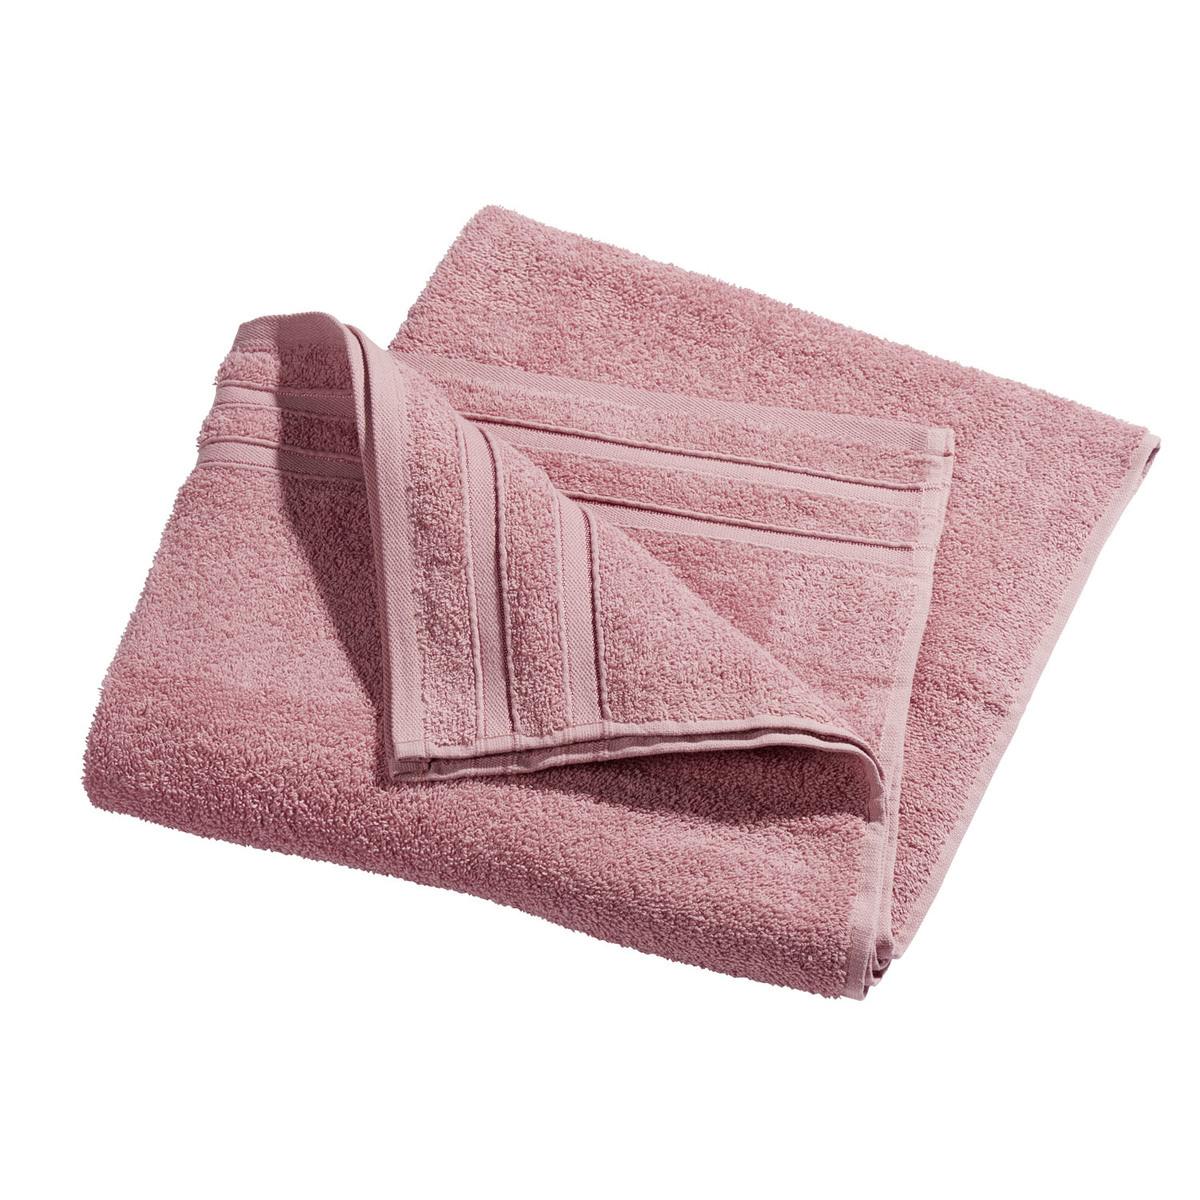 Duschtuch In Rosa Jetzt Im Kodi Onlineshop Kaufen Alles Für Den